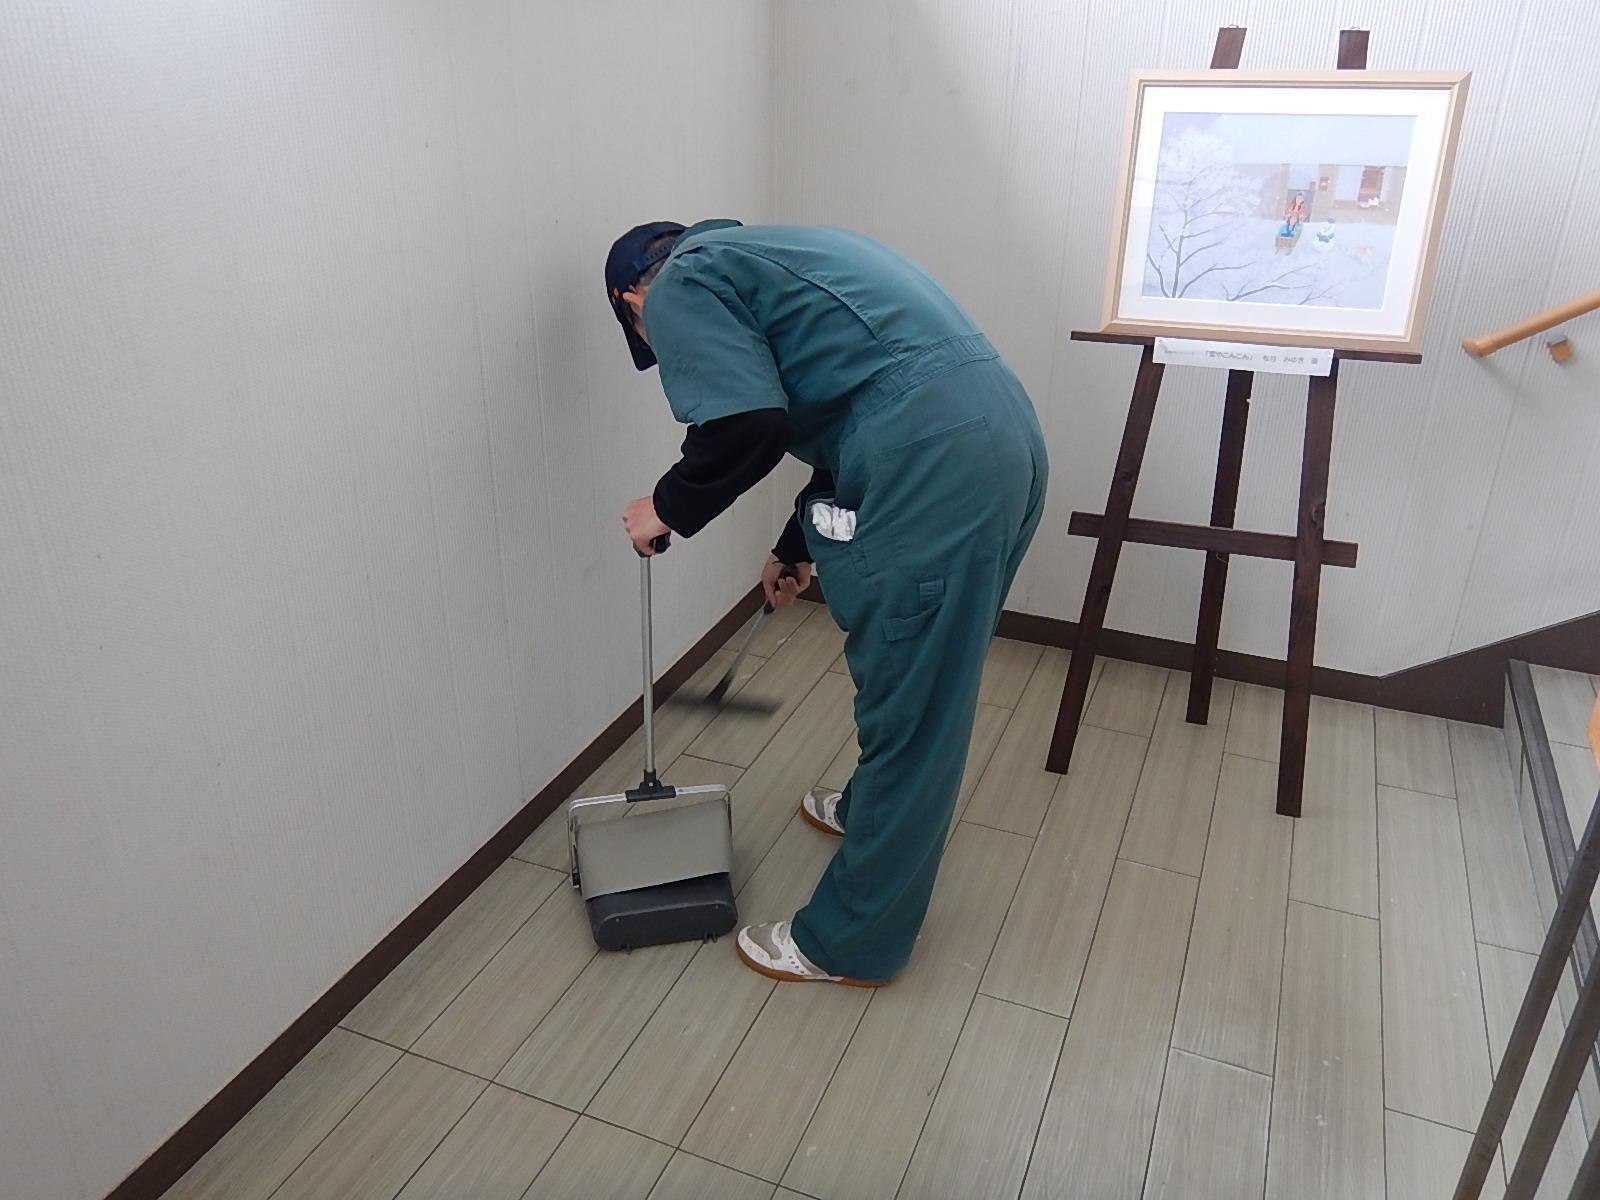 http://www.shimanet.ed.jp/hamadayougo/news/DSCN0359.JPG